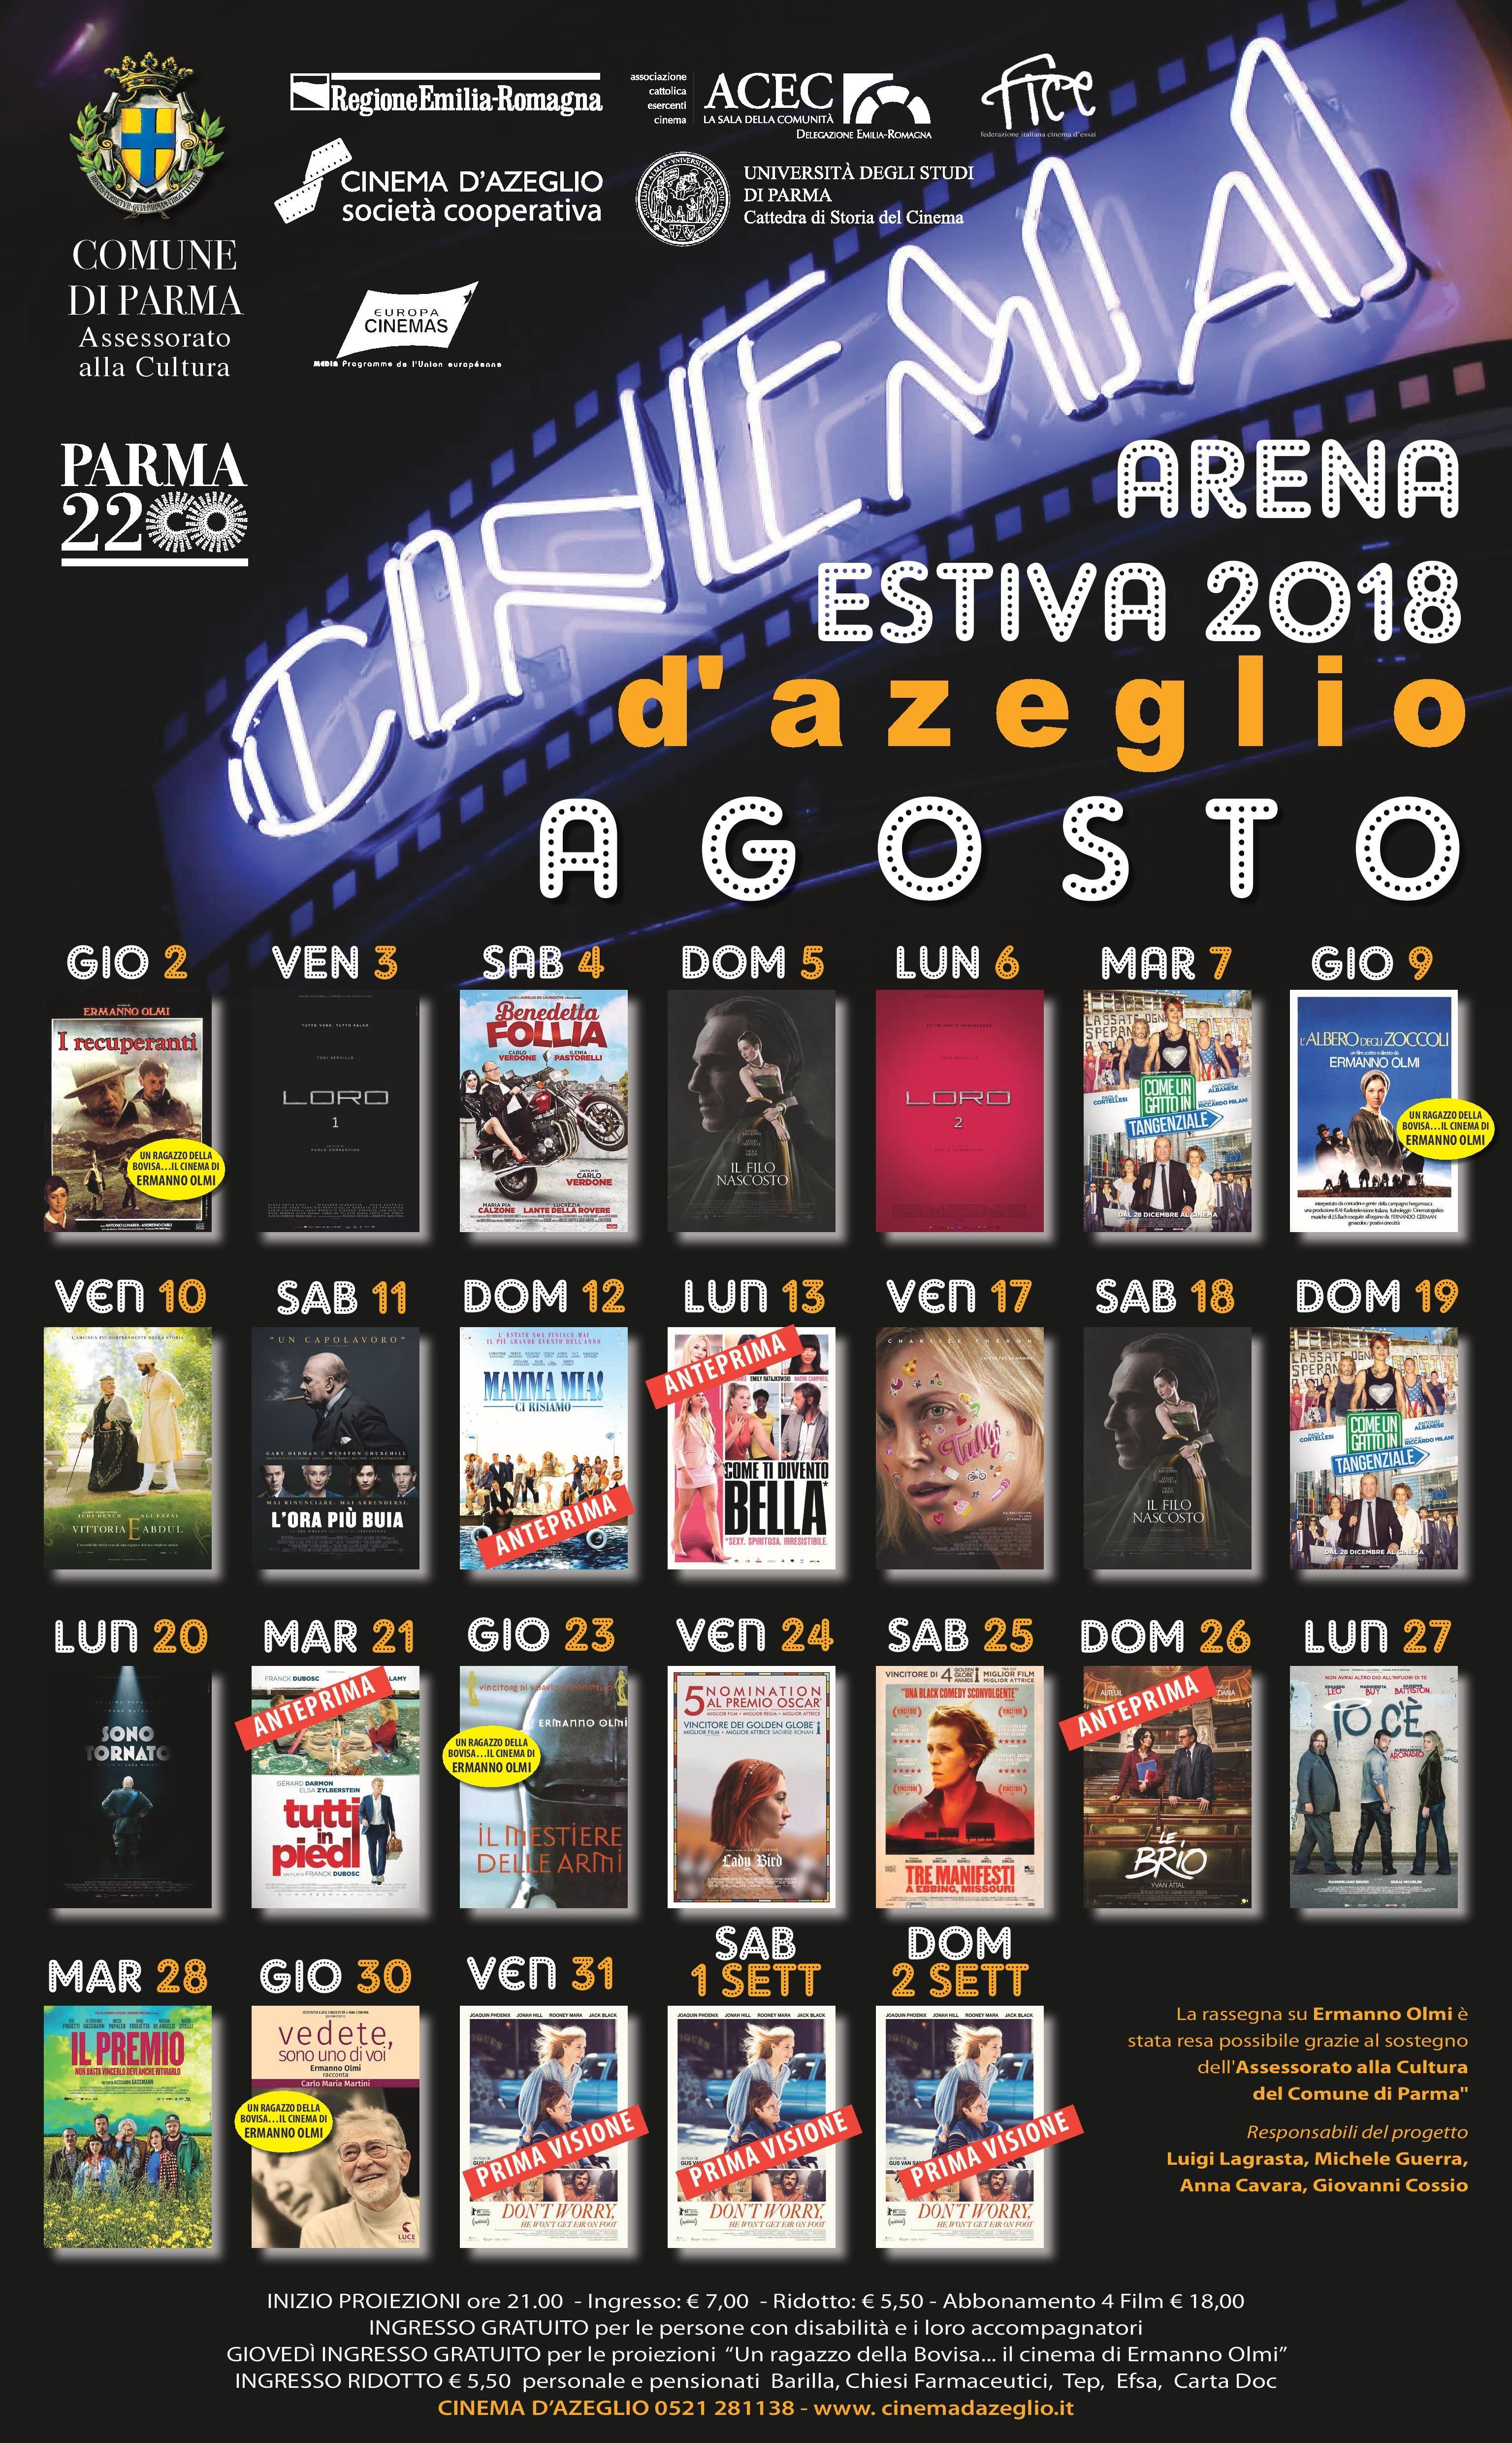 ARENA ESTIVA D'AZEGLIO-PARMA programma agosto